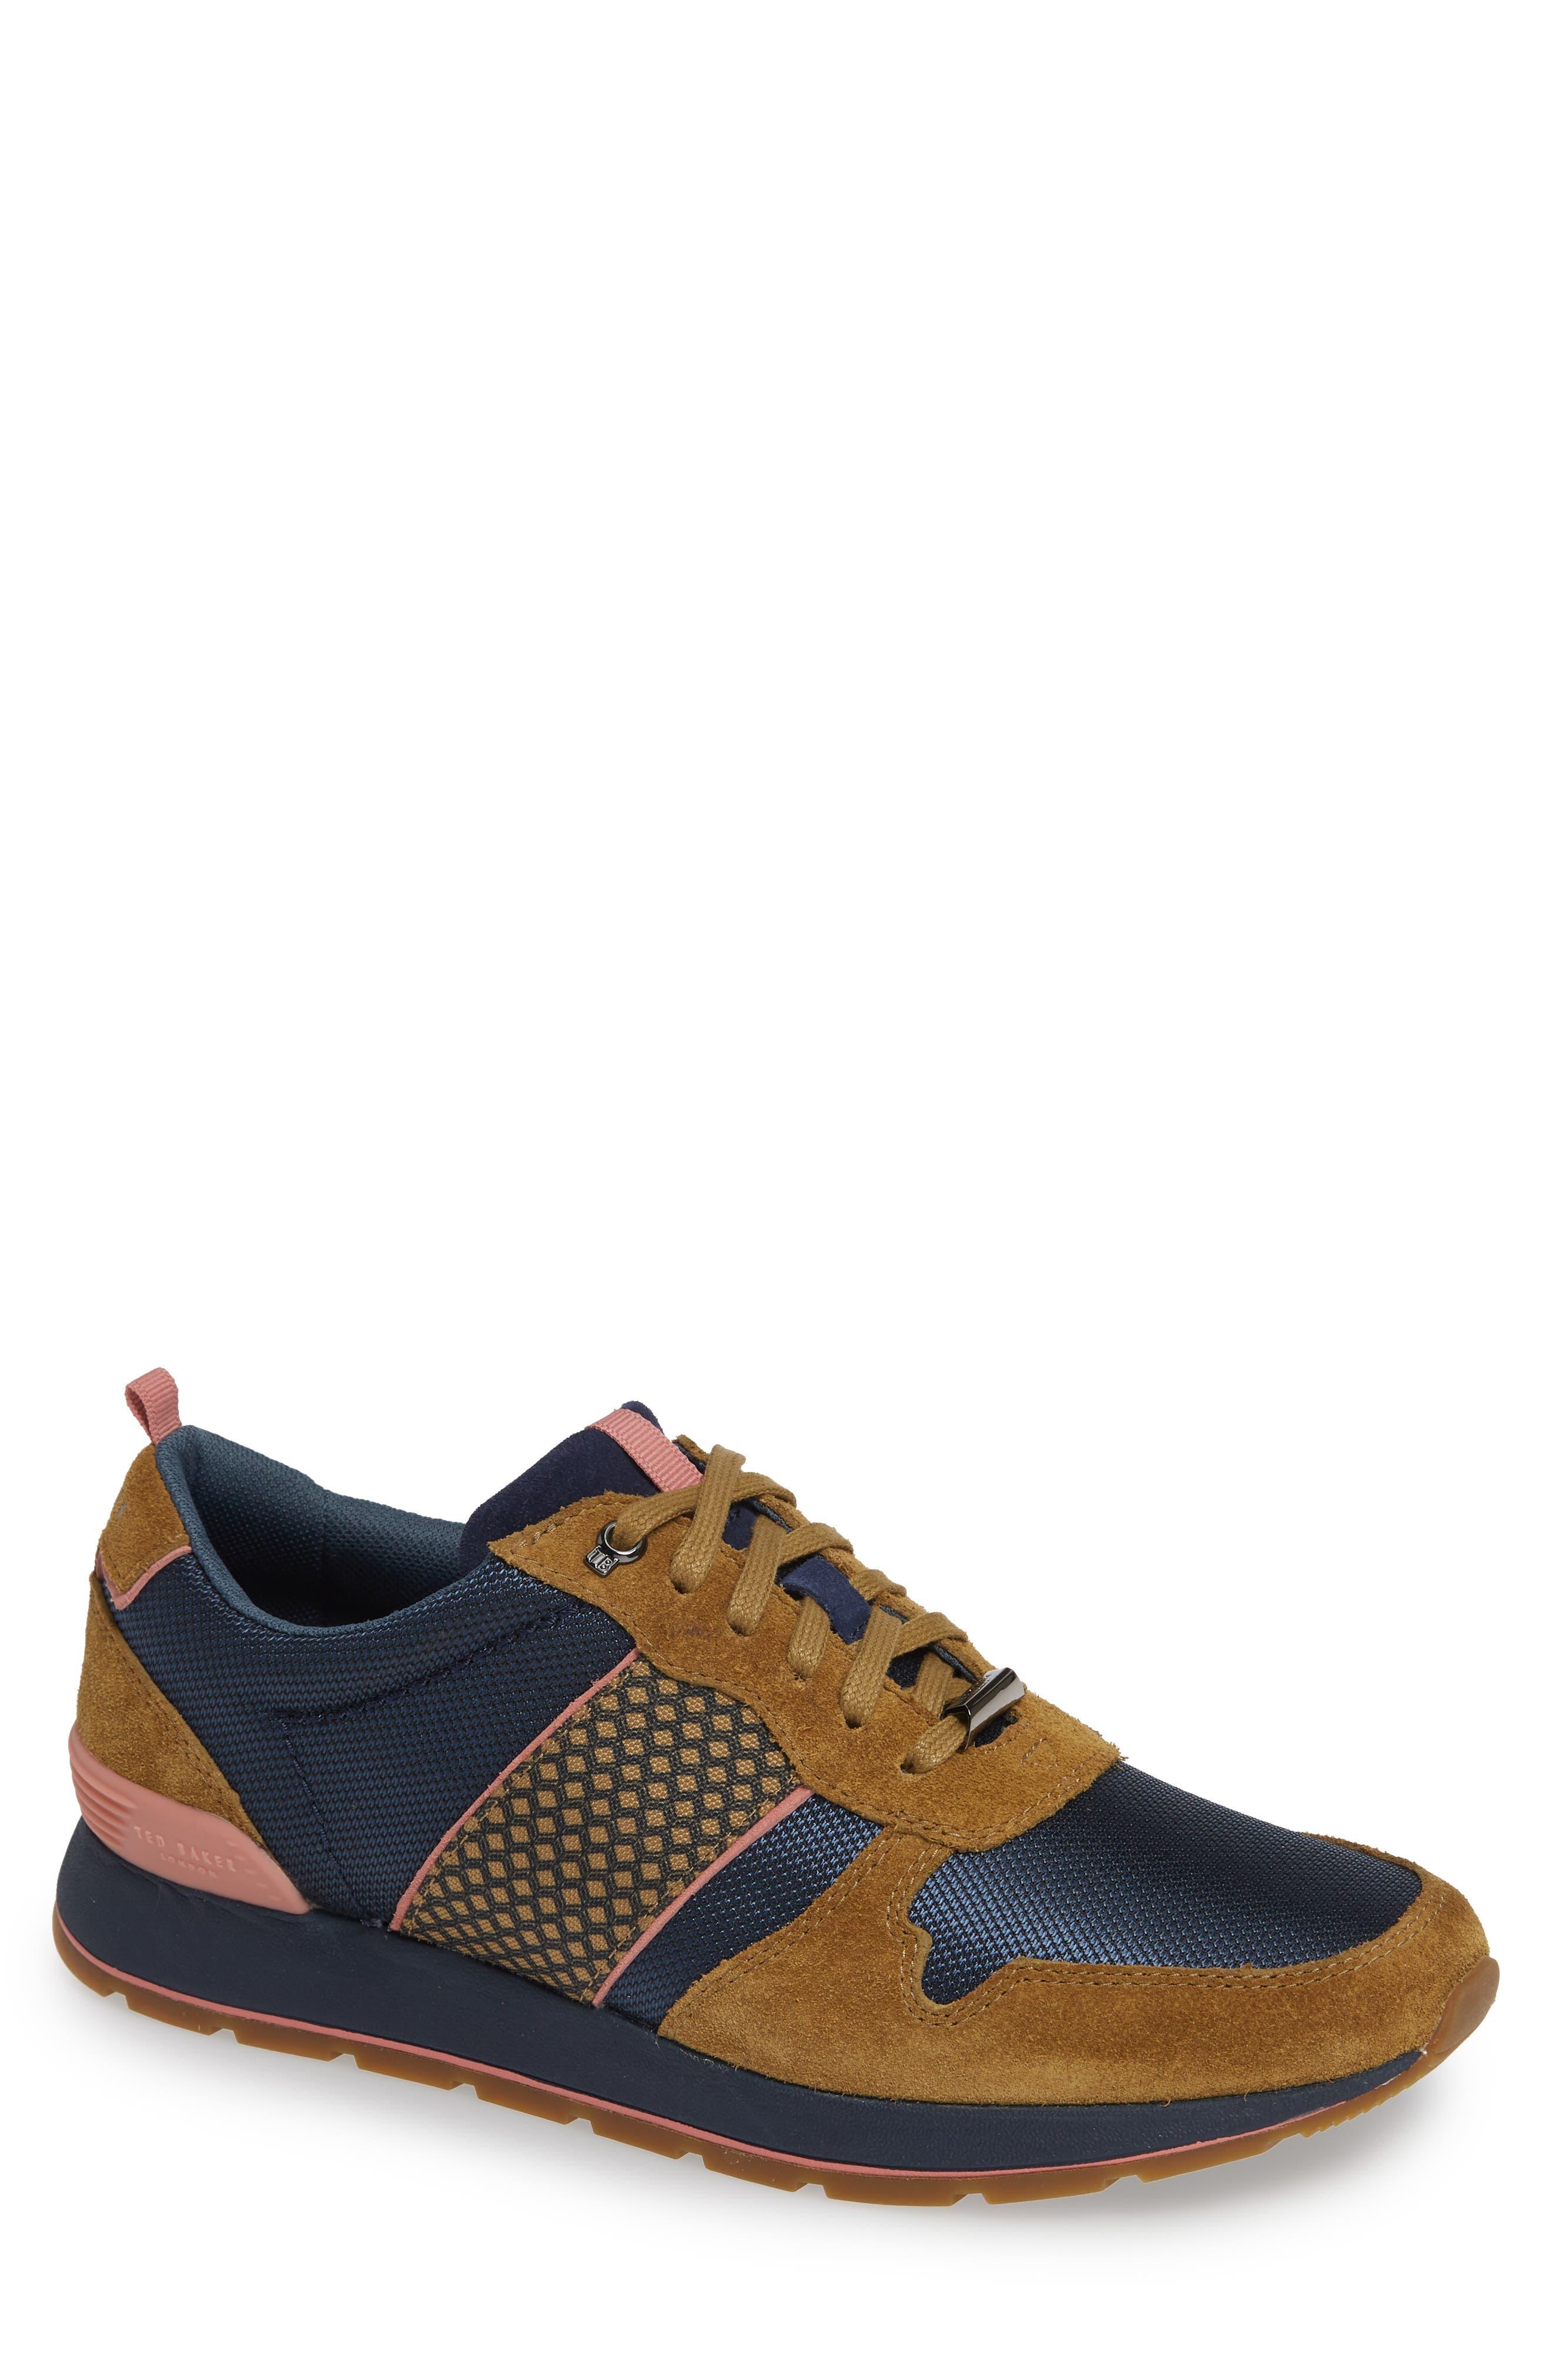 Ted Baker London Jaymz Sneaker, Beige